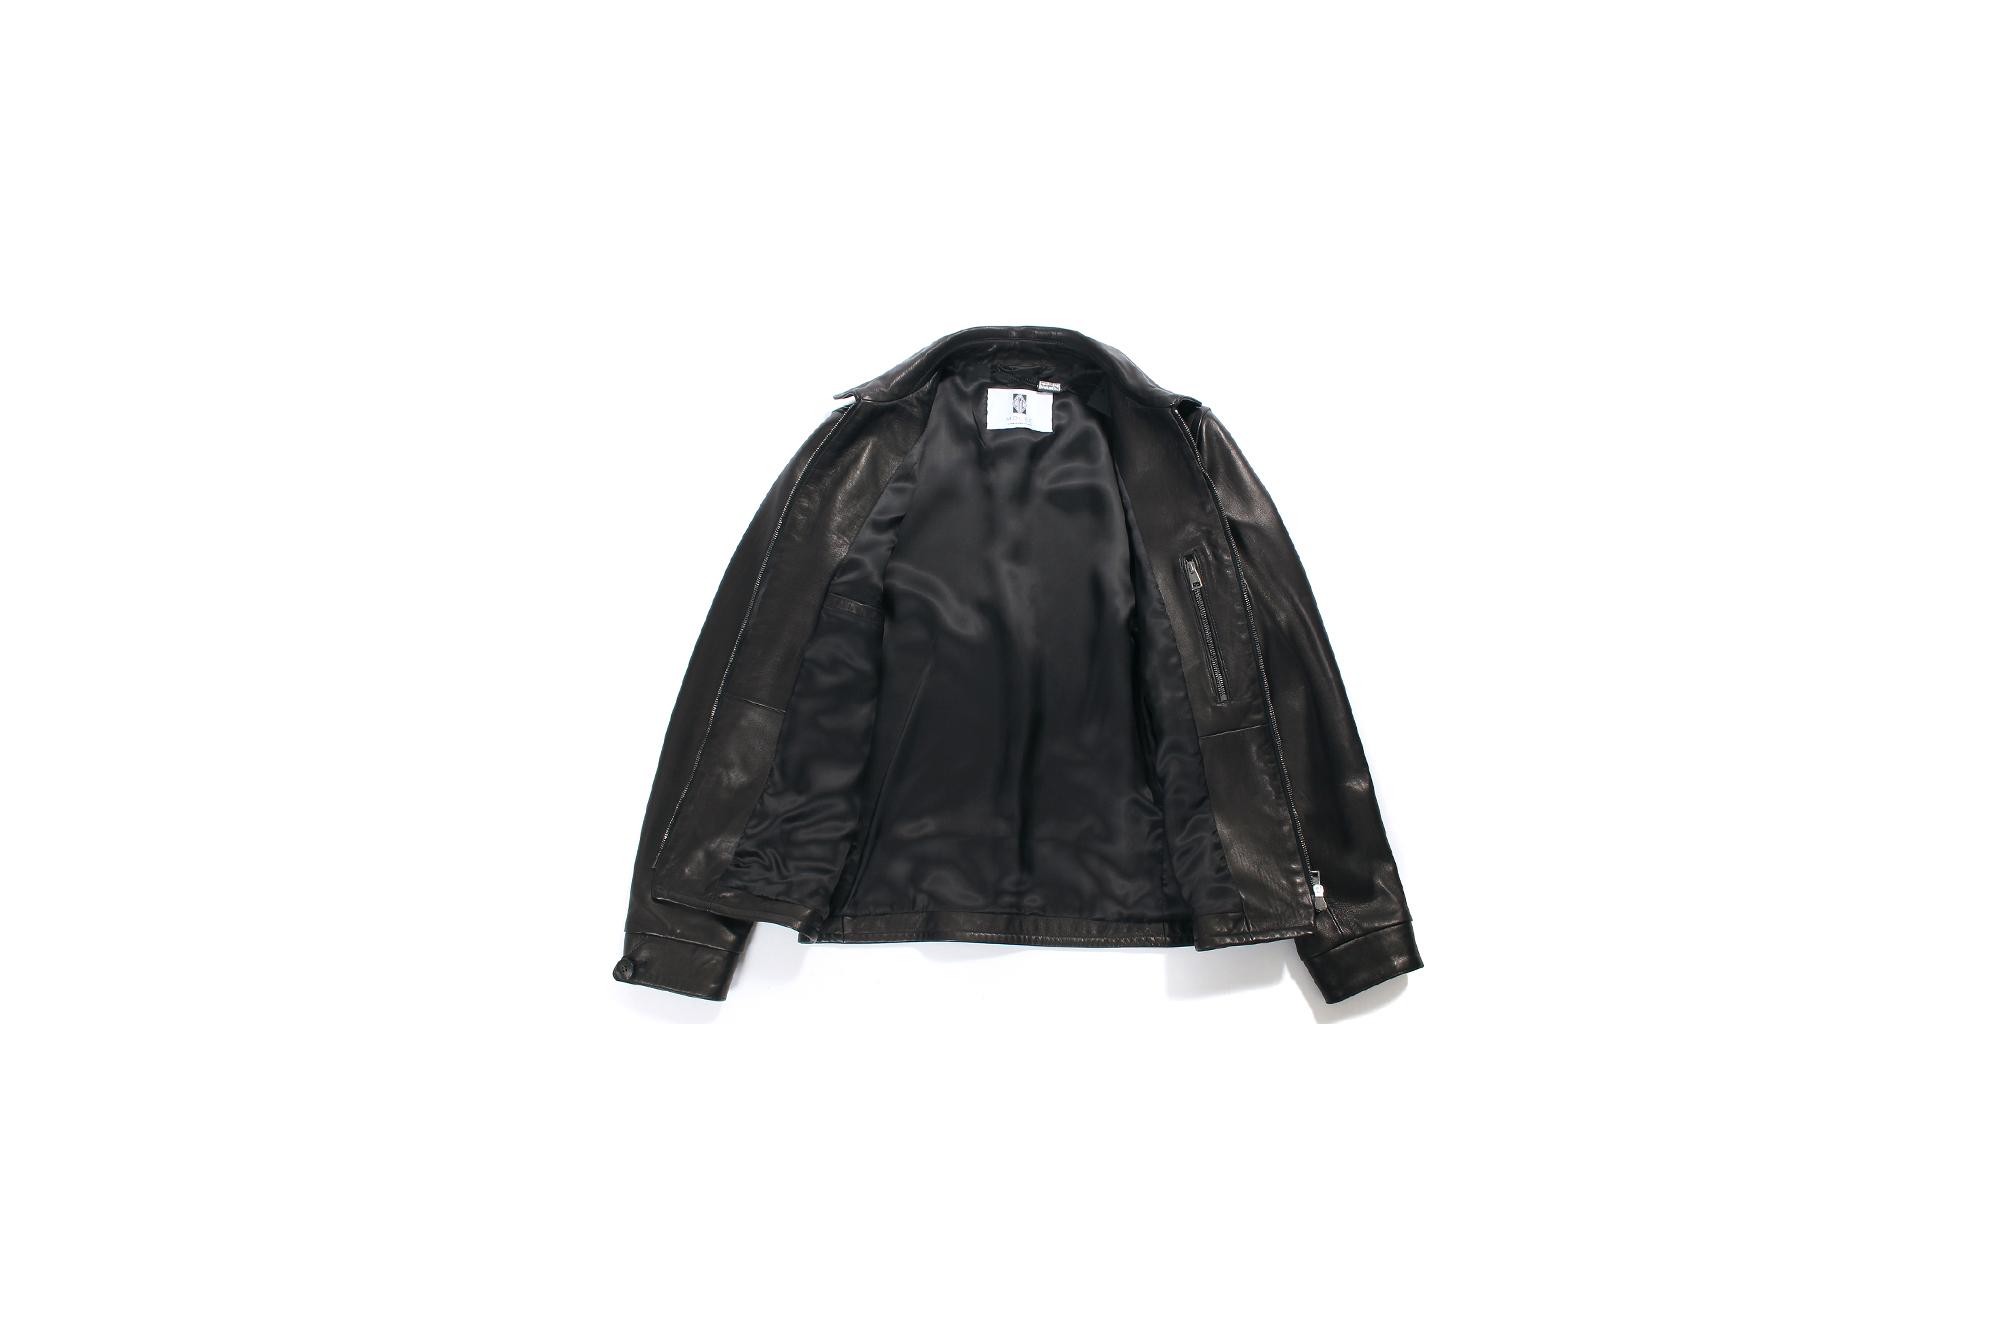 MOLEC (モレック) Single Leather Jacket (シングル レザージャケット) PLONGE Lambskin プロンジェラムレザー シングル ライダース ジャケット NERO (ブラック) NERO (ブラック) Made in italy (イタリア製) 2021 愛知 名古屋 Alto e Diritto altoediritto アルトエデリット レザージャケット